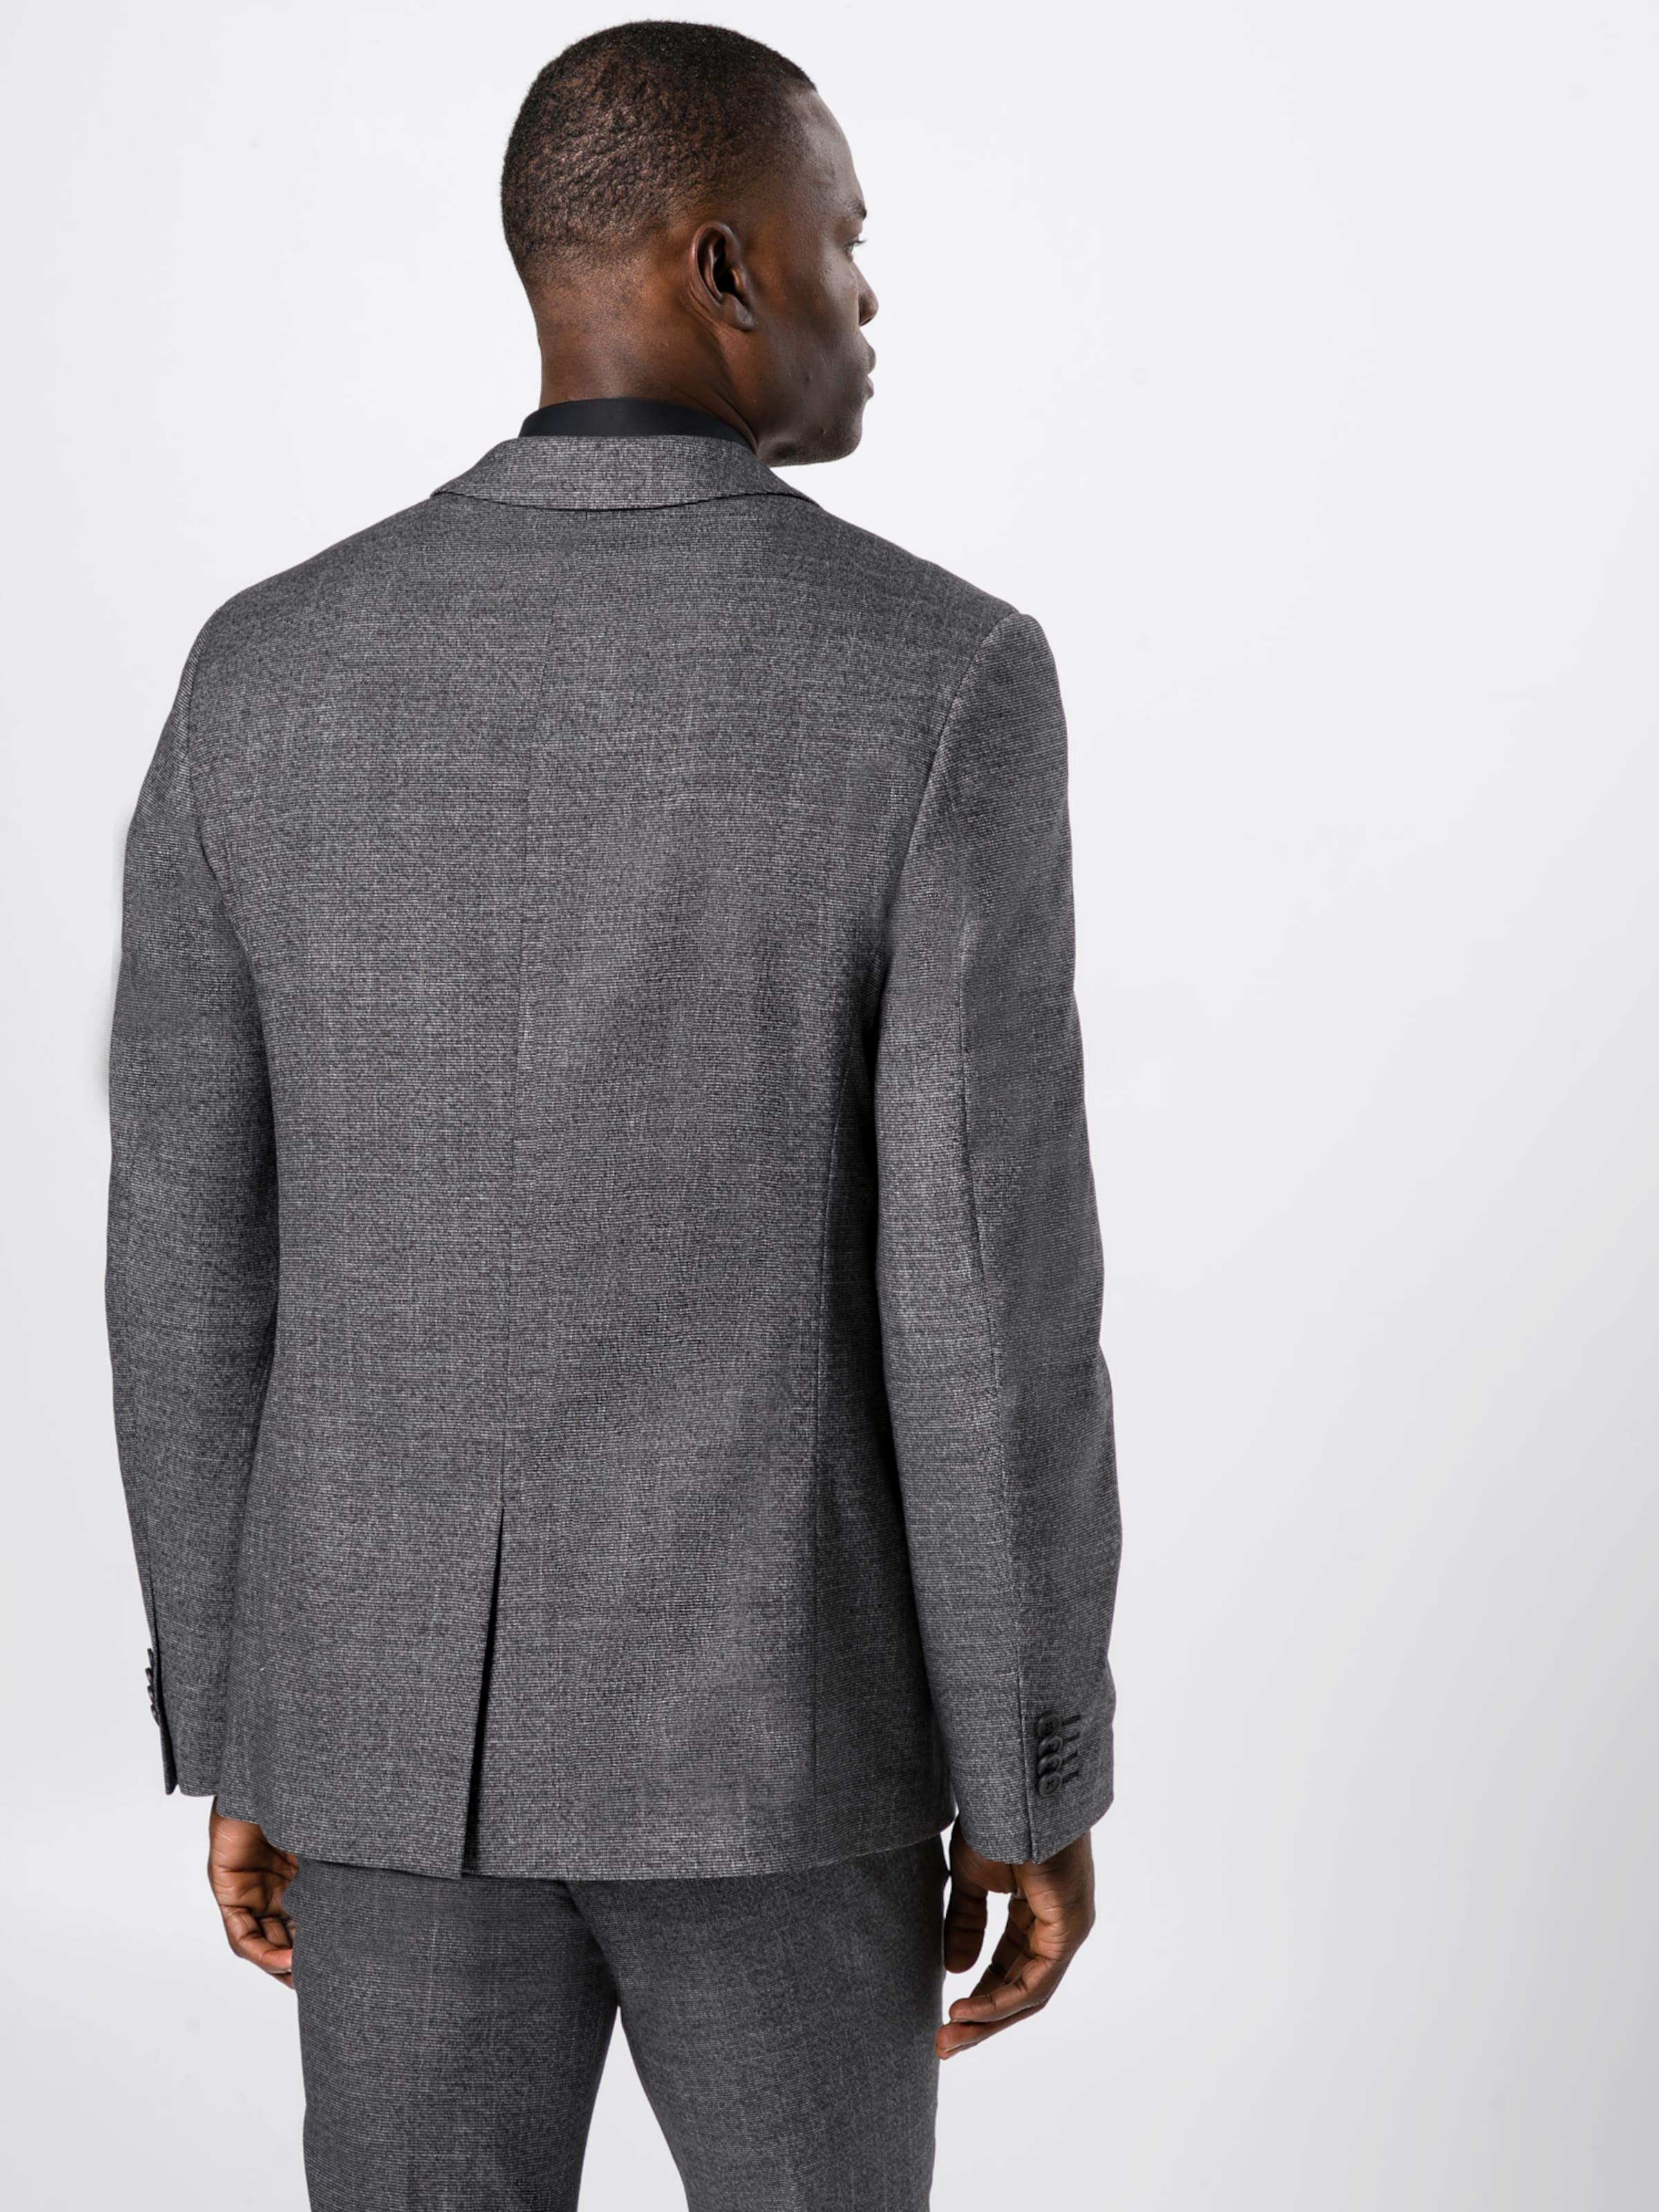 Anzug Kiomi Pepita' 'mini Grau In K3lFcT1J